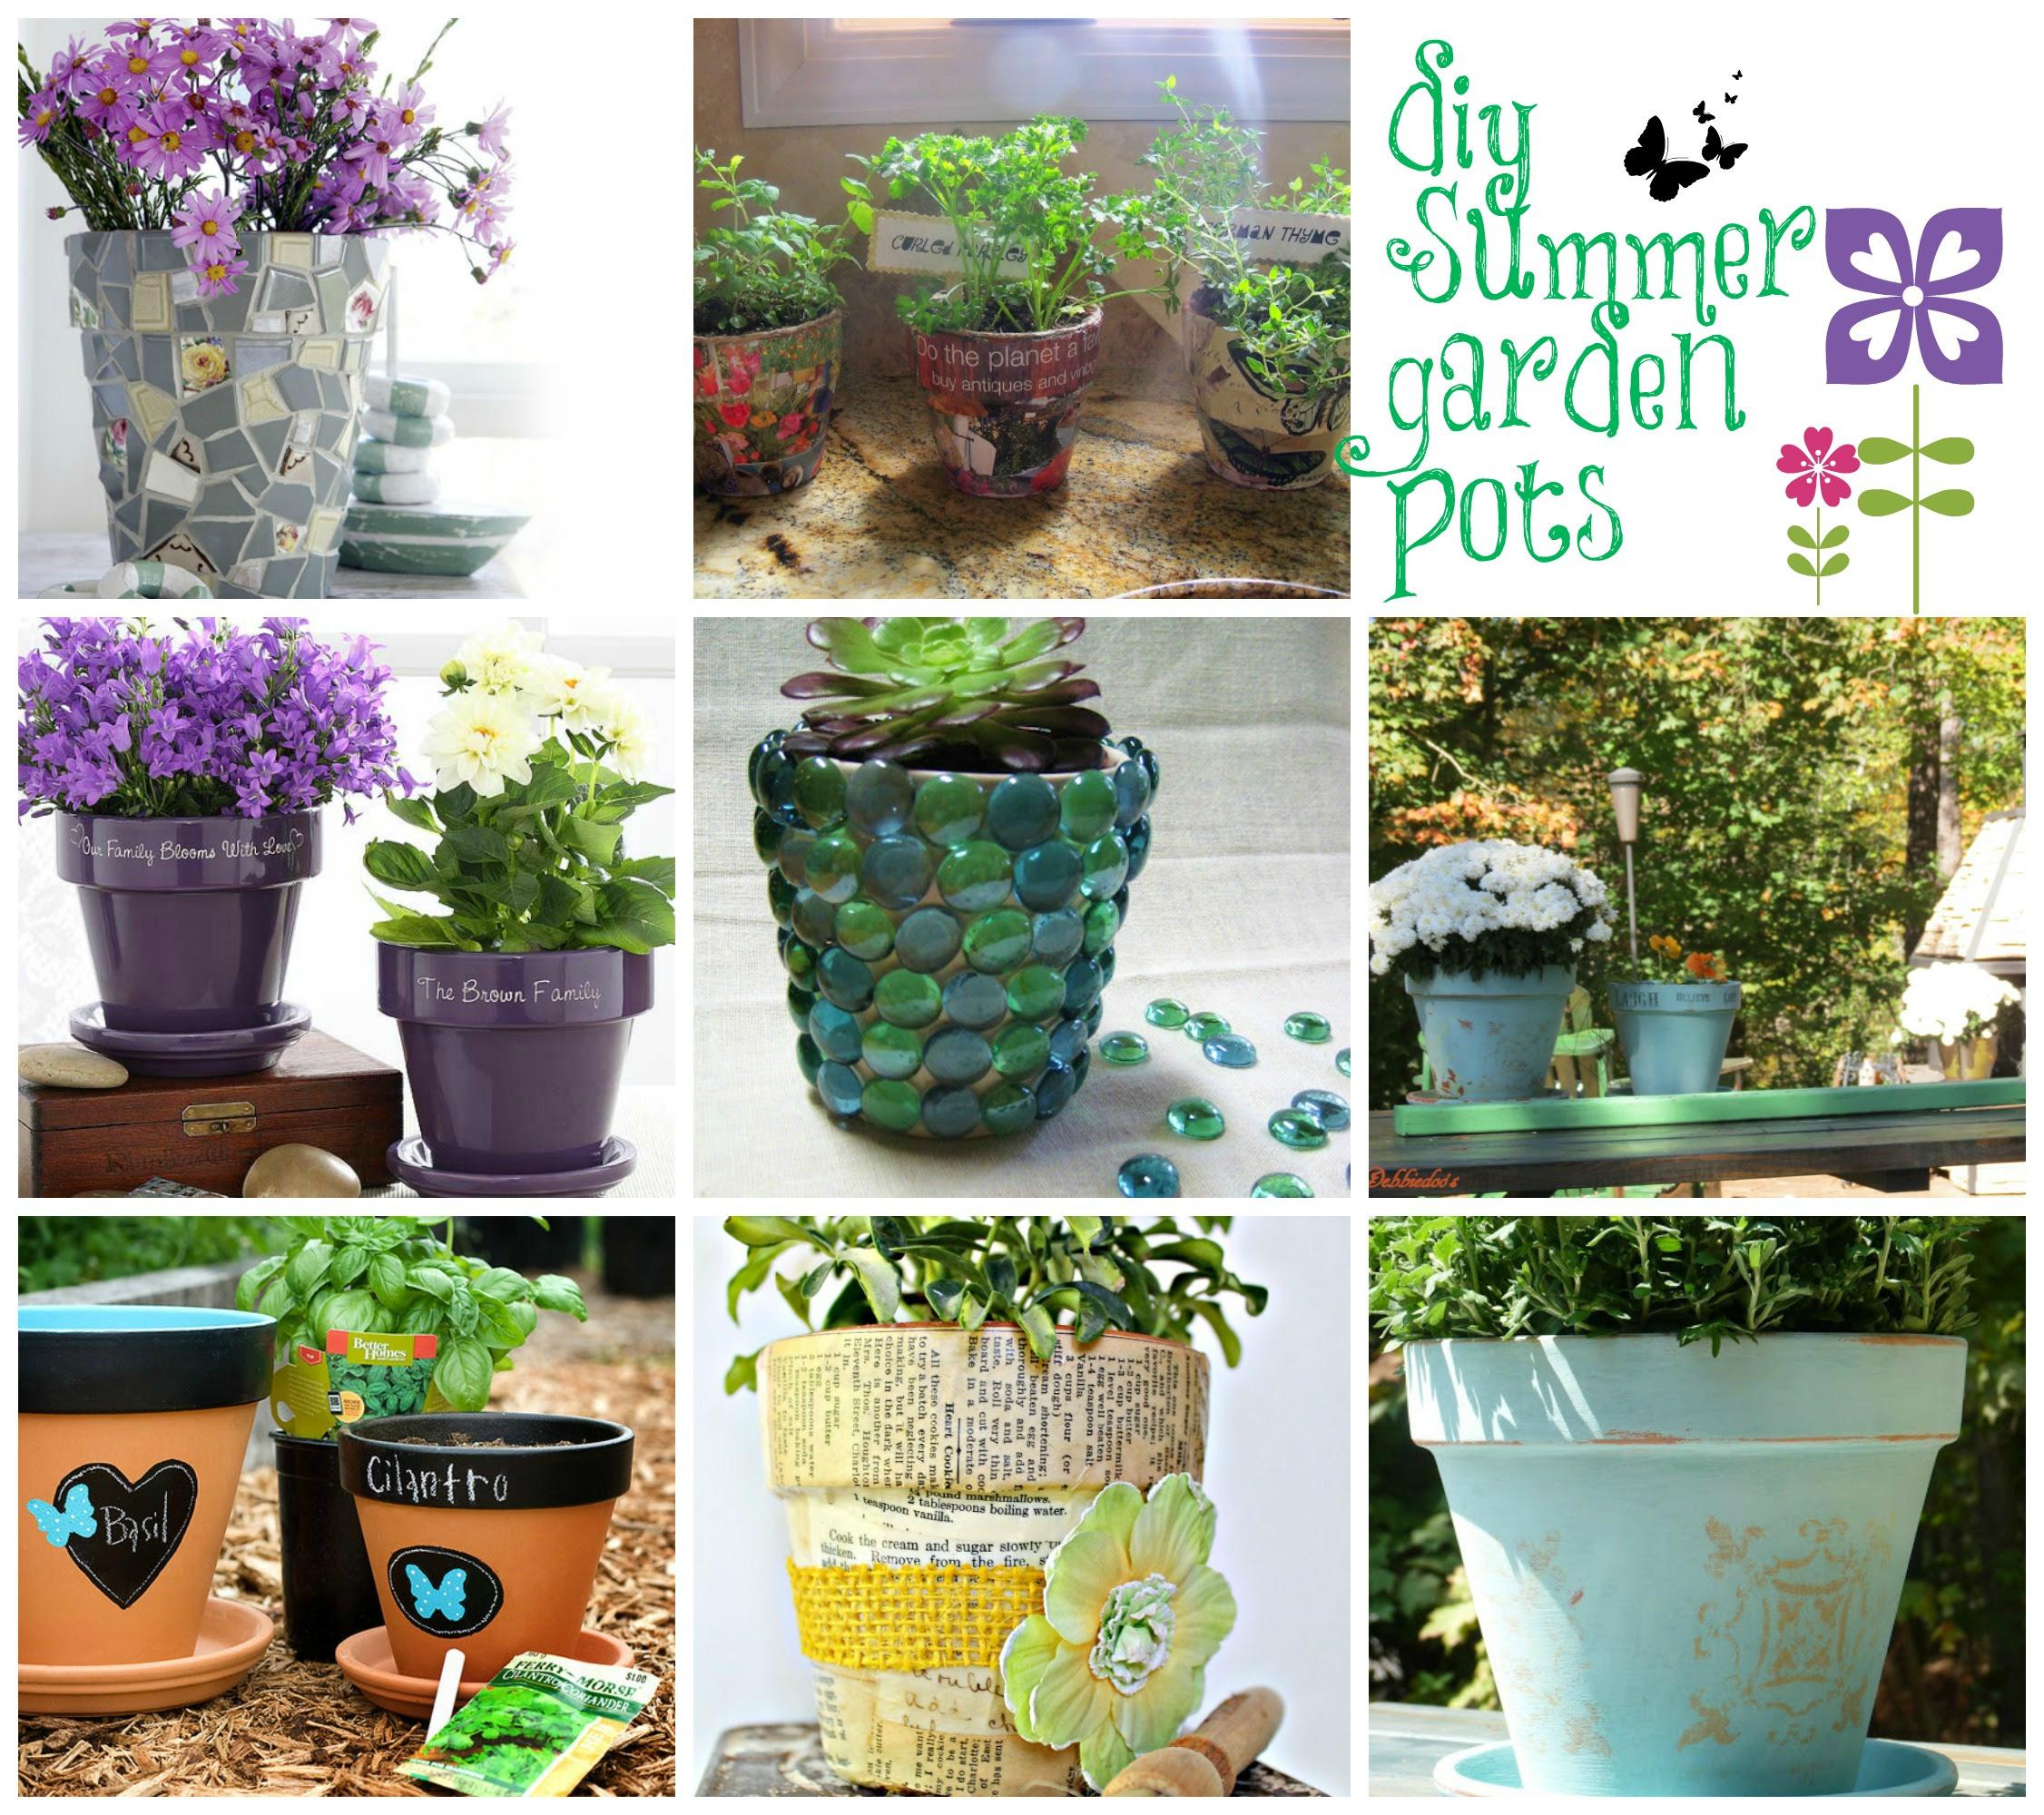 Ideas for decorating Terra cotta pots in the garden - Debbiedoo's